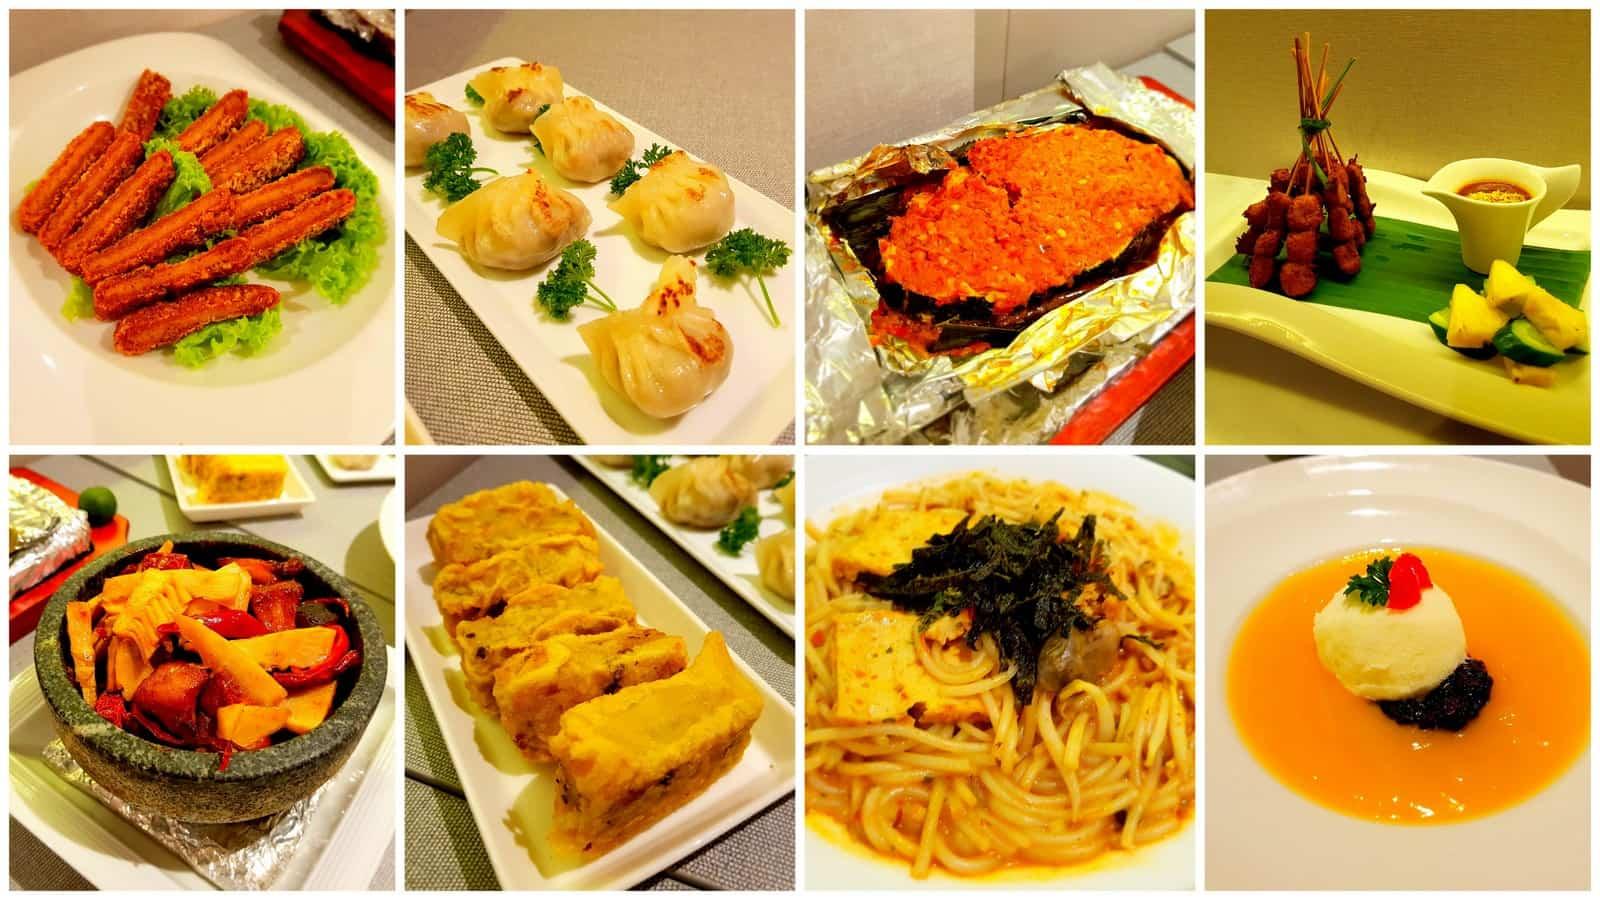 premium dining lotus kitchen vegetarian chinatown point - Lotus Kitchen